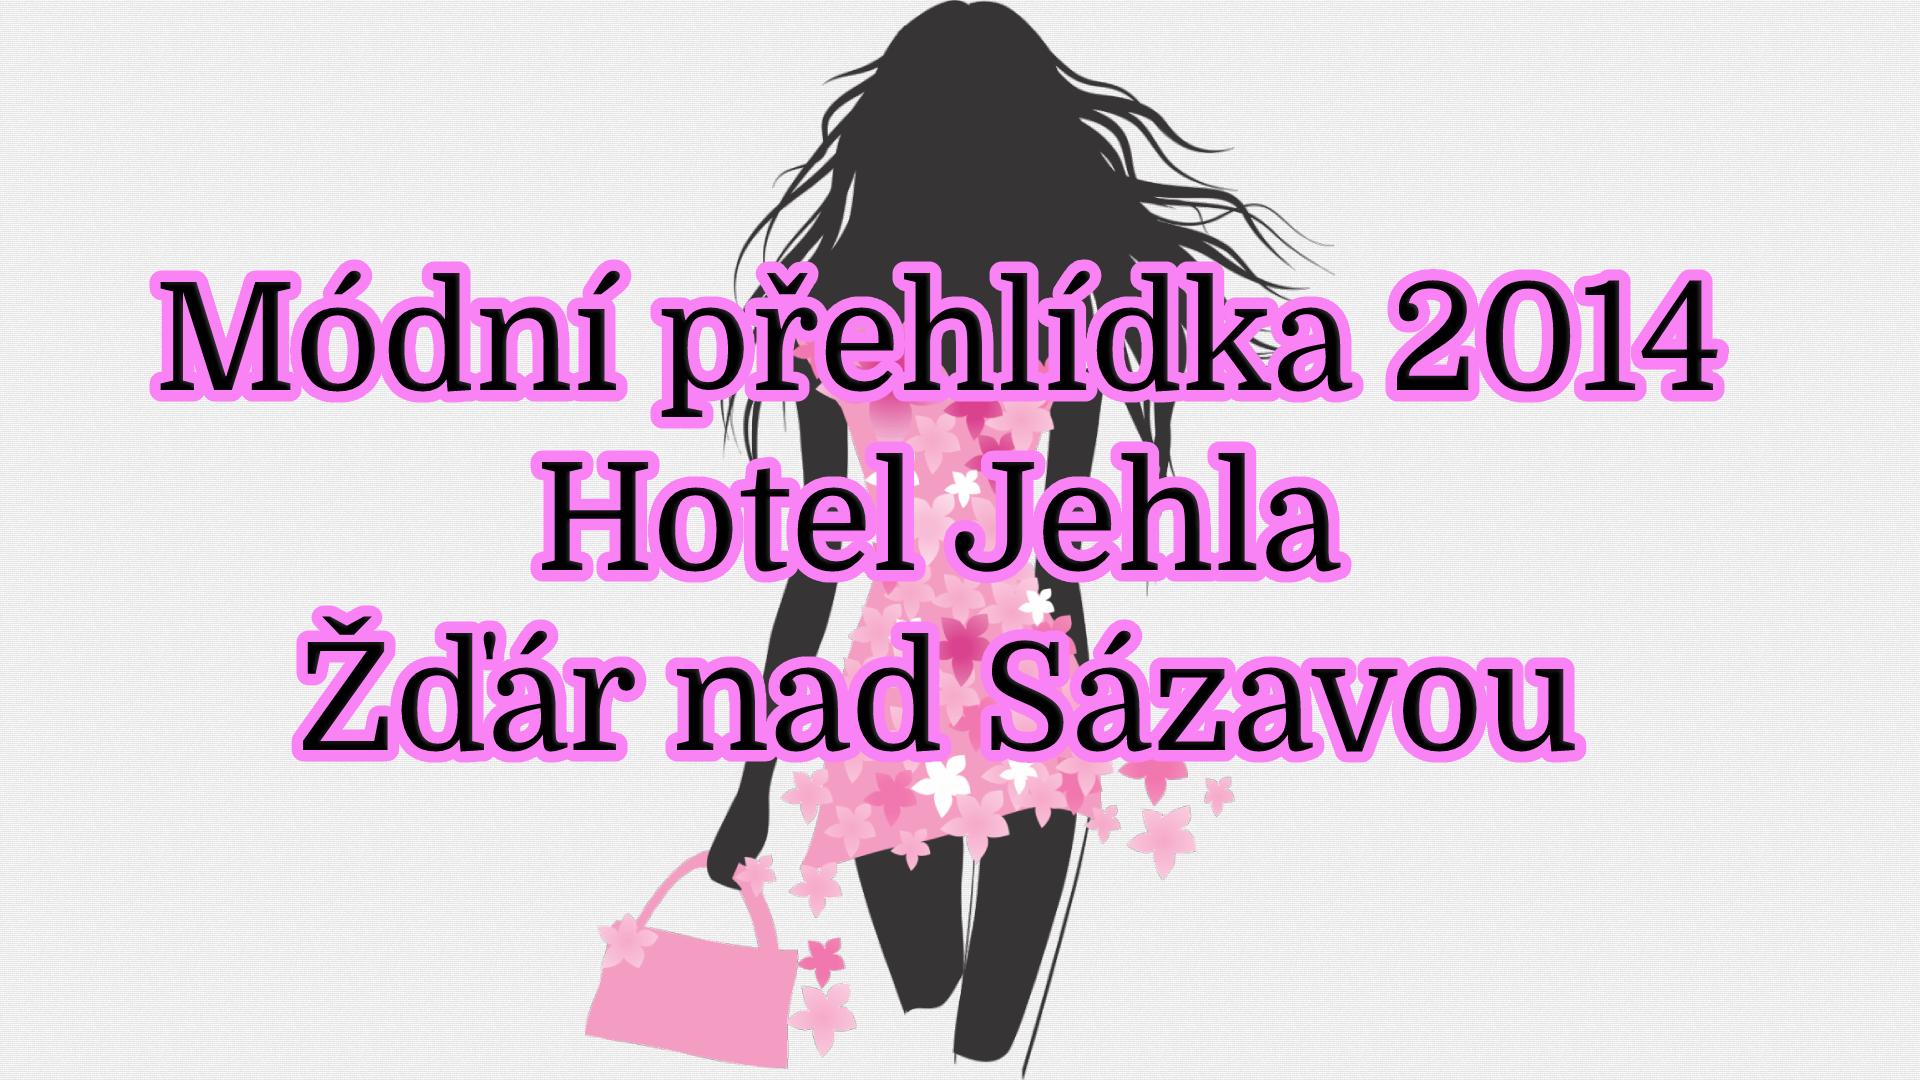 Módní přehlídka 2014 - Hotel Jehla Žďár nad Sázavou